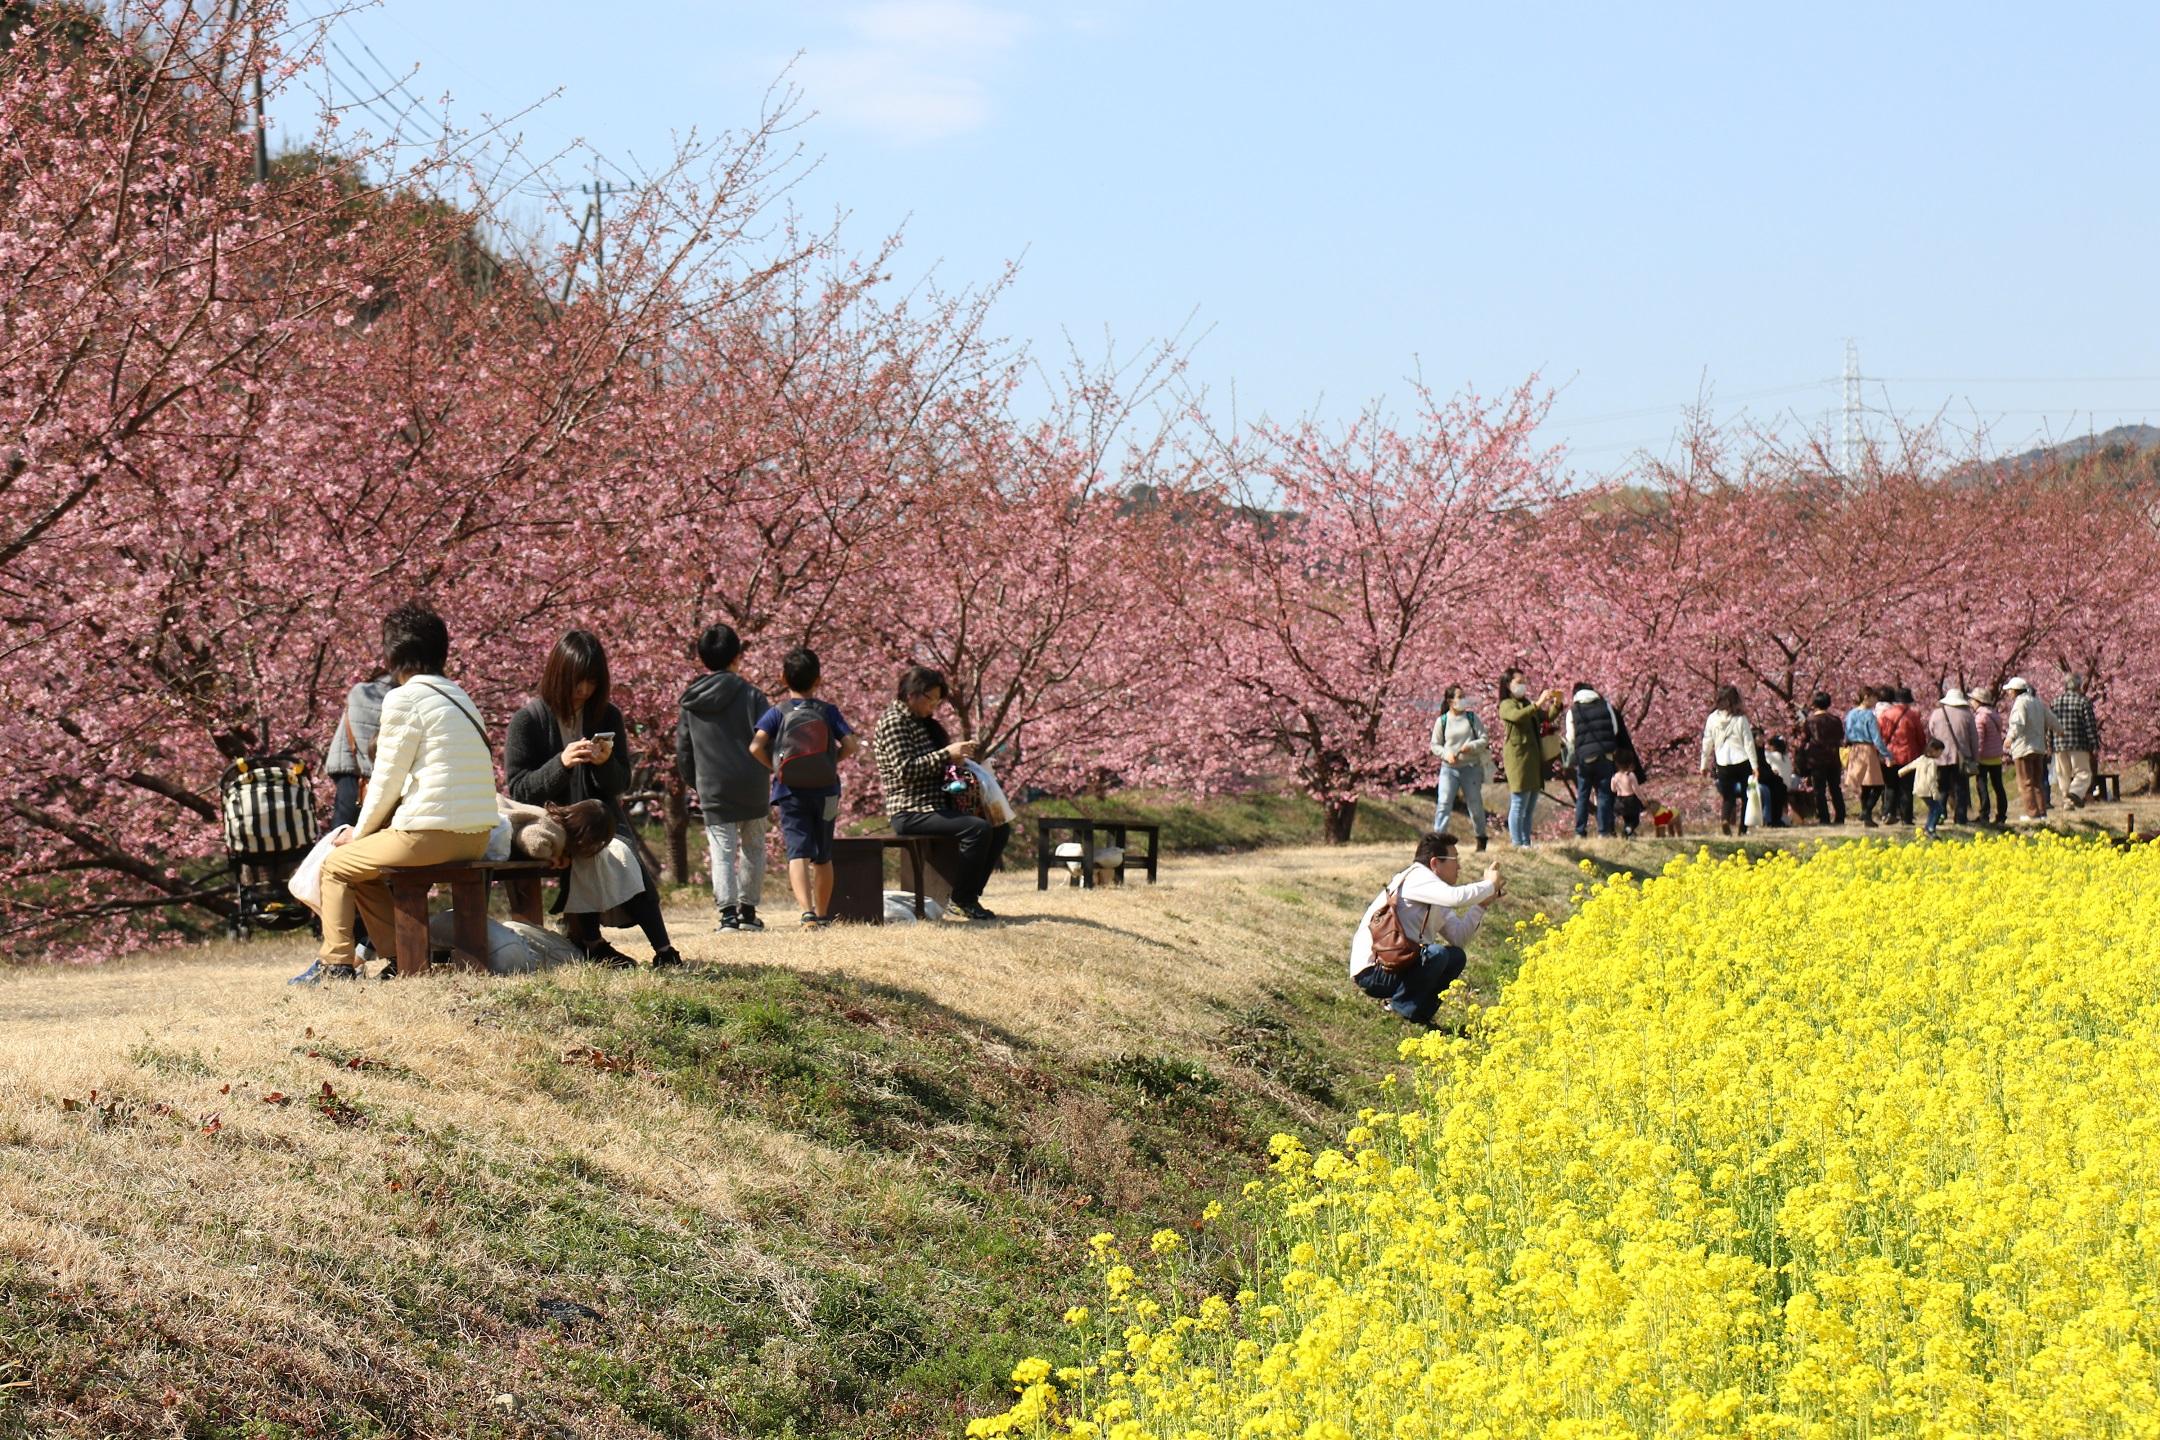 河津桜と菜の花のコントラストを楽しみに、毎年多くの花見客が訪れる